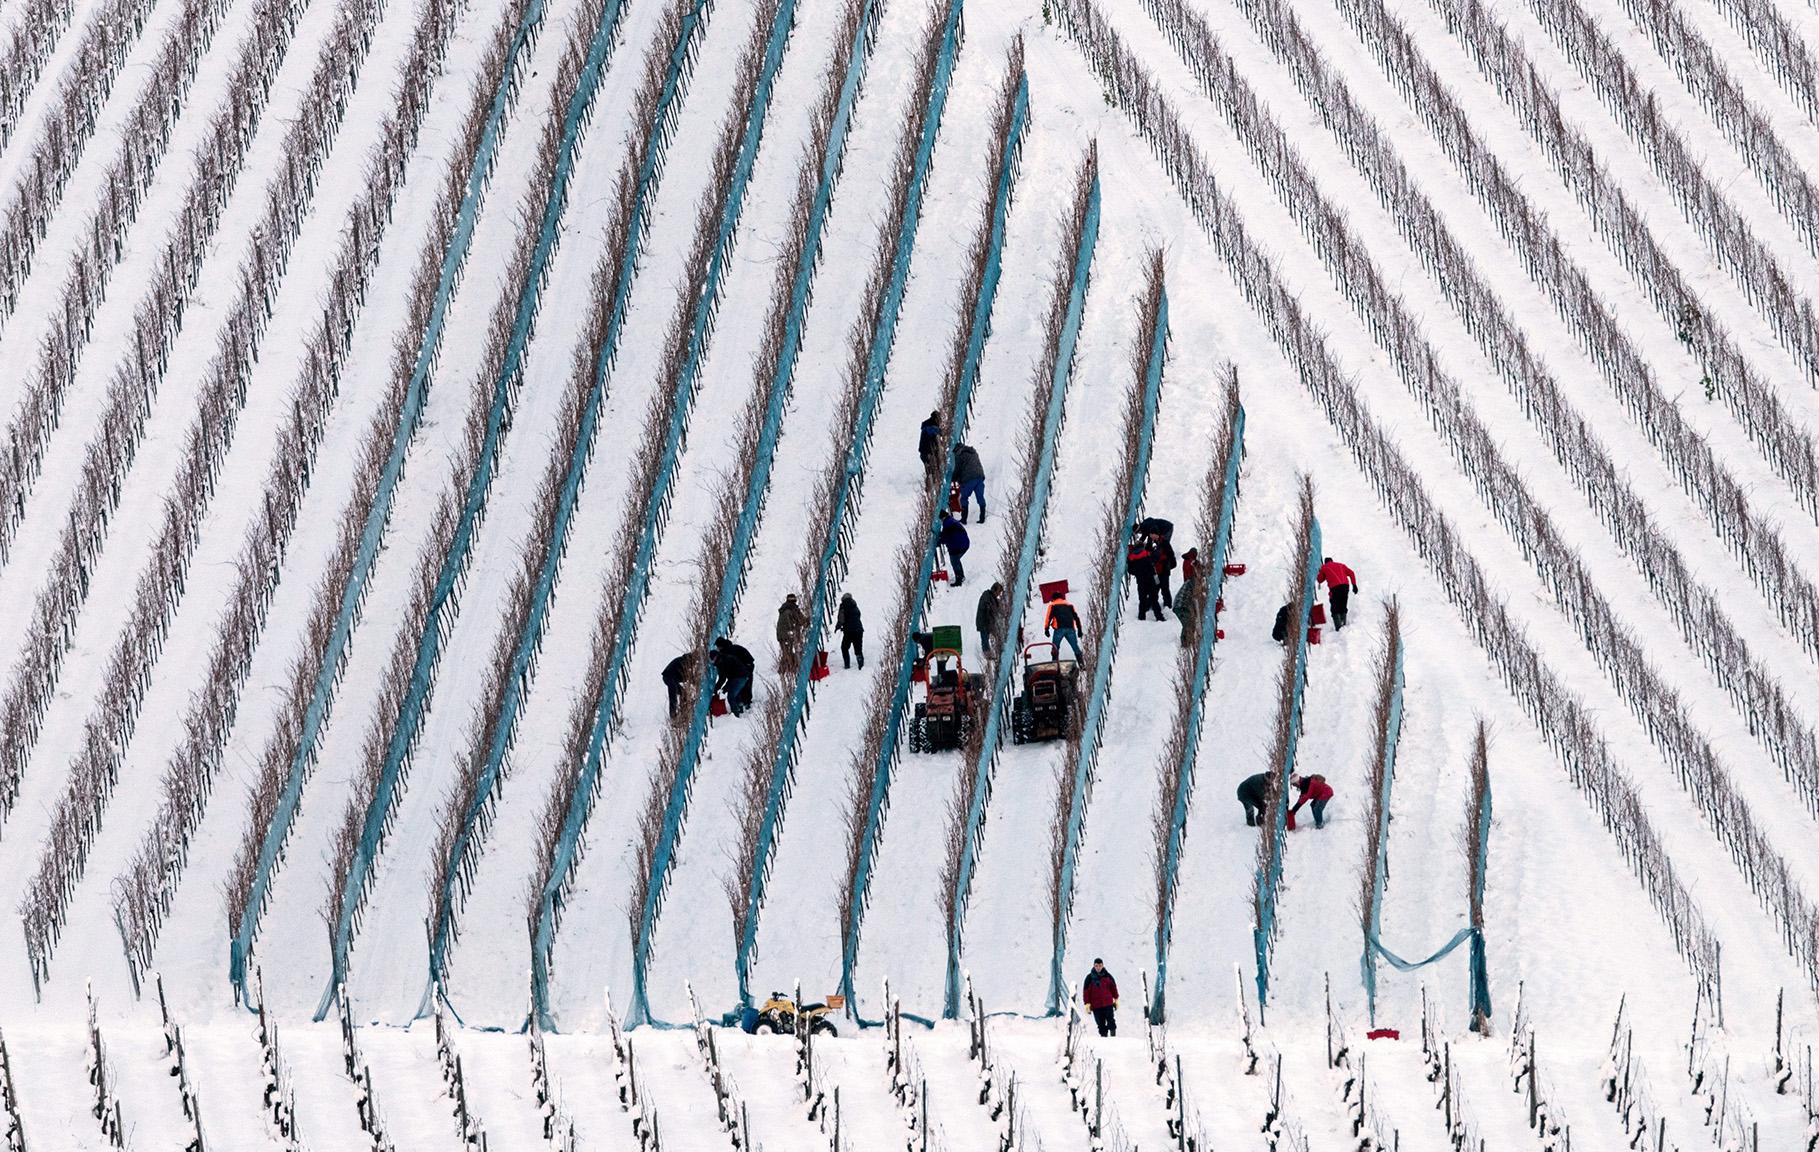 Grape harvest for ice wine in Glottertal